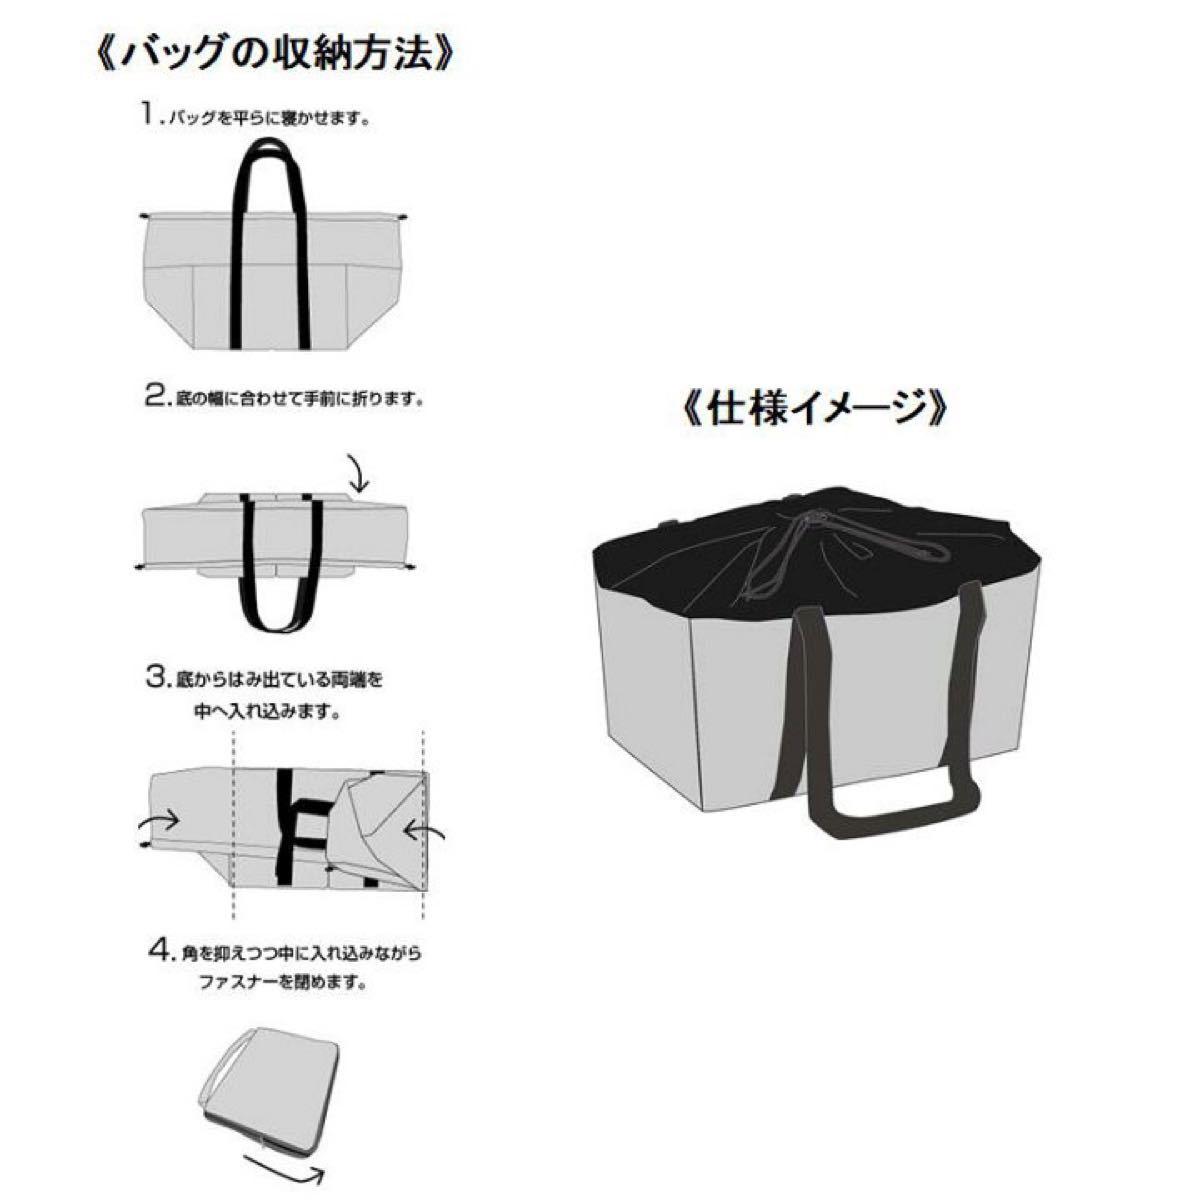 エコバッグ ミッフィー 大容量そのままカゴに装着 エコバッグ ショッピングバッグ